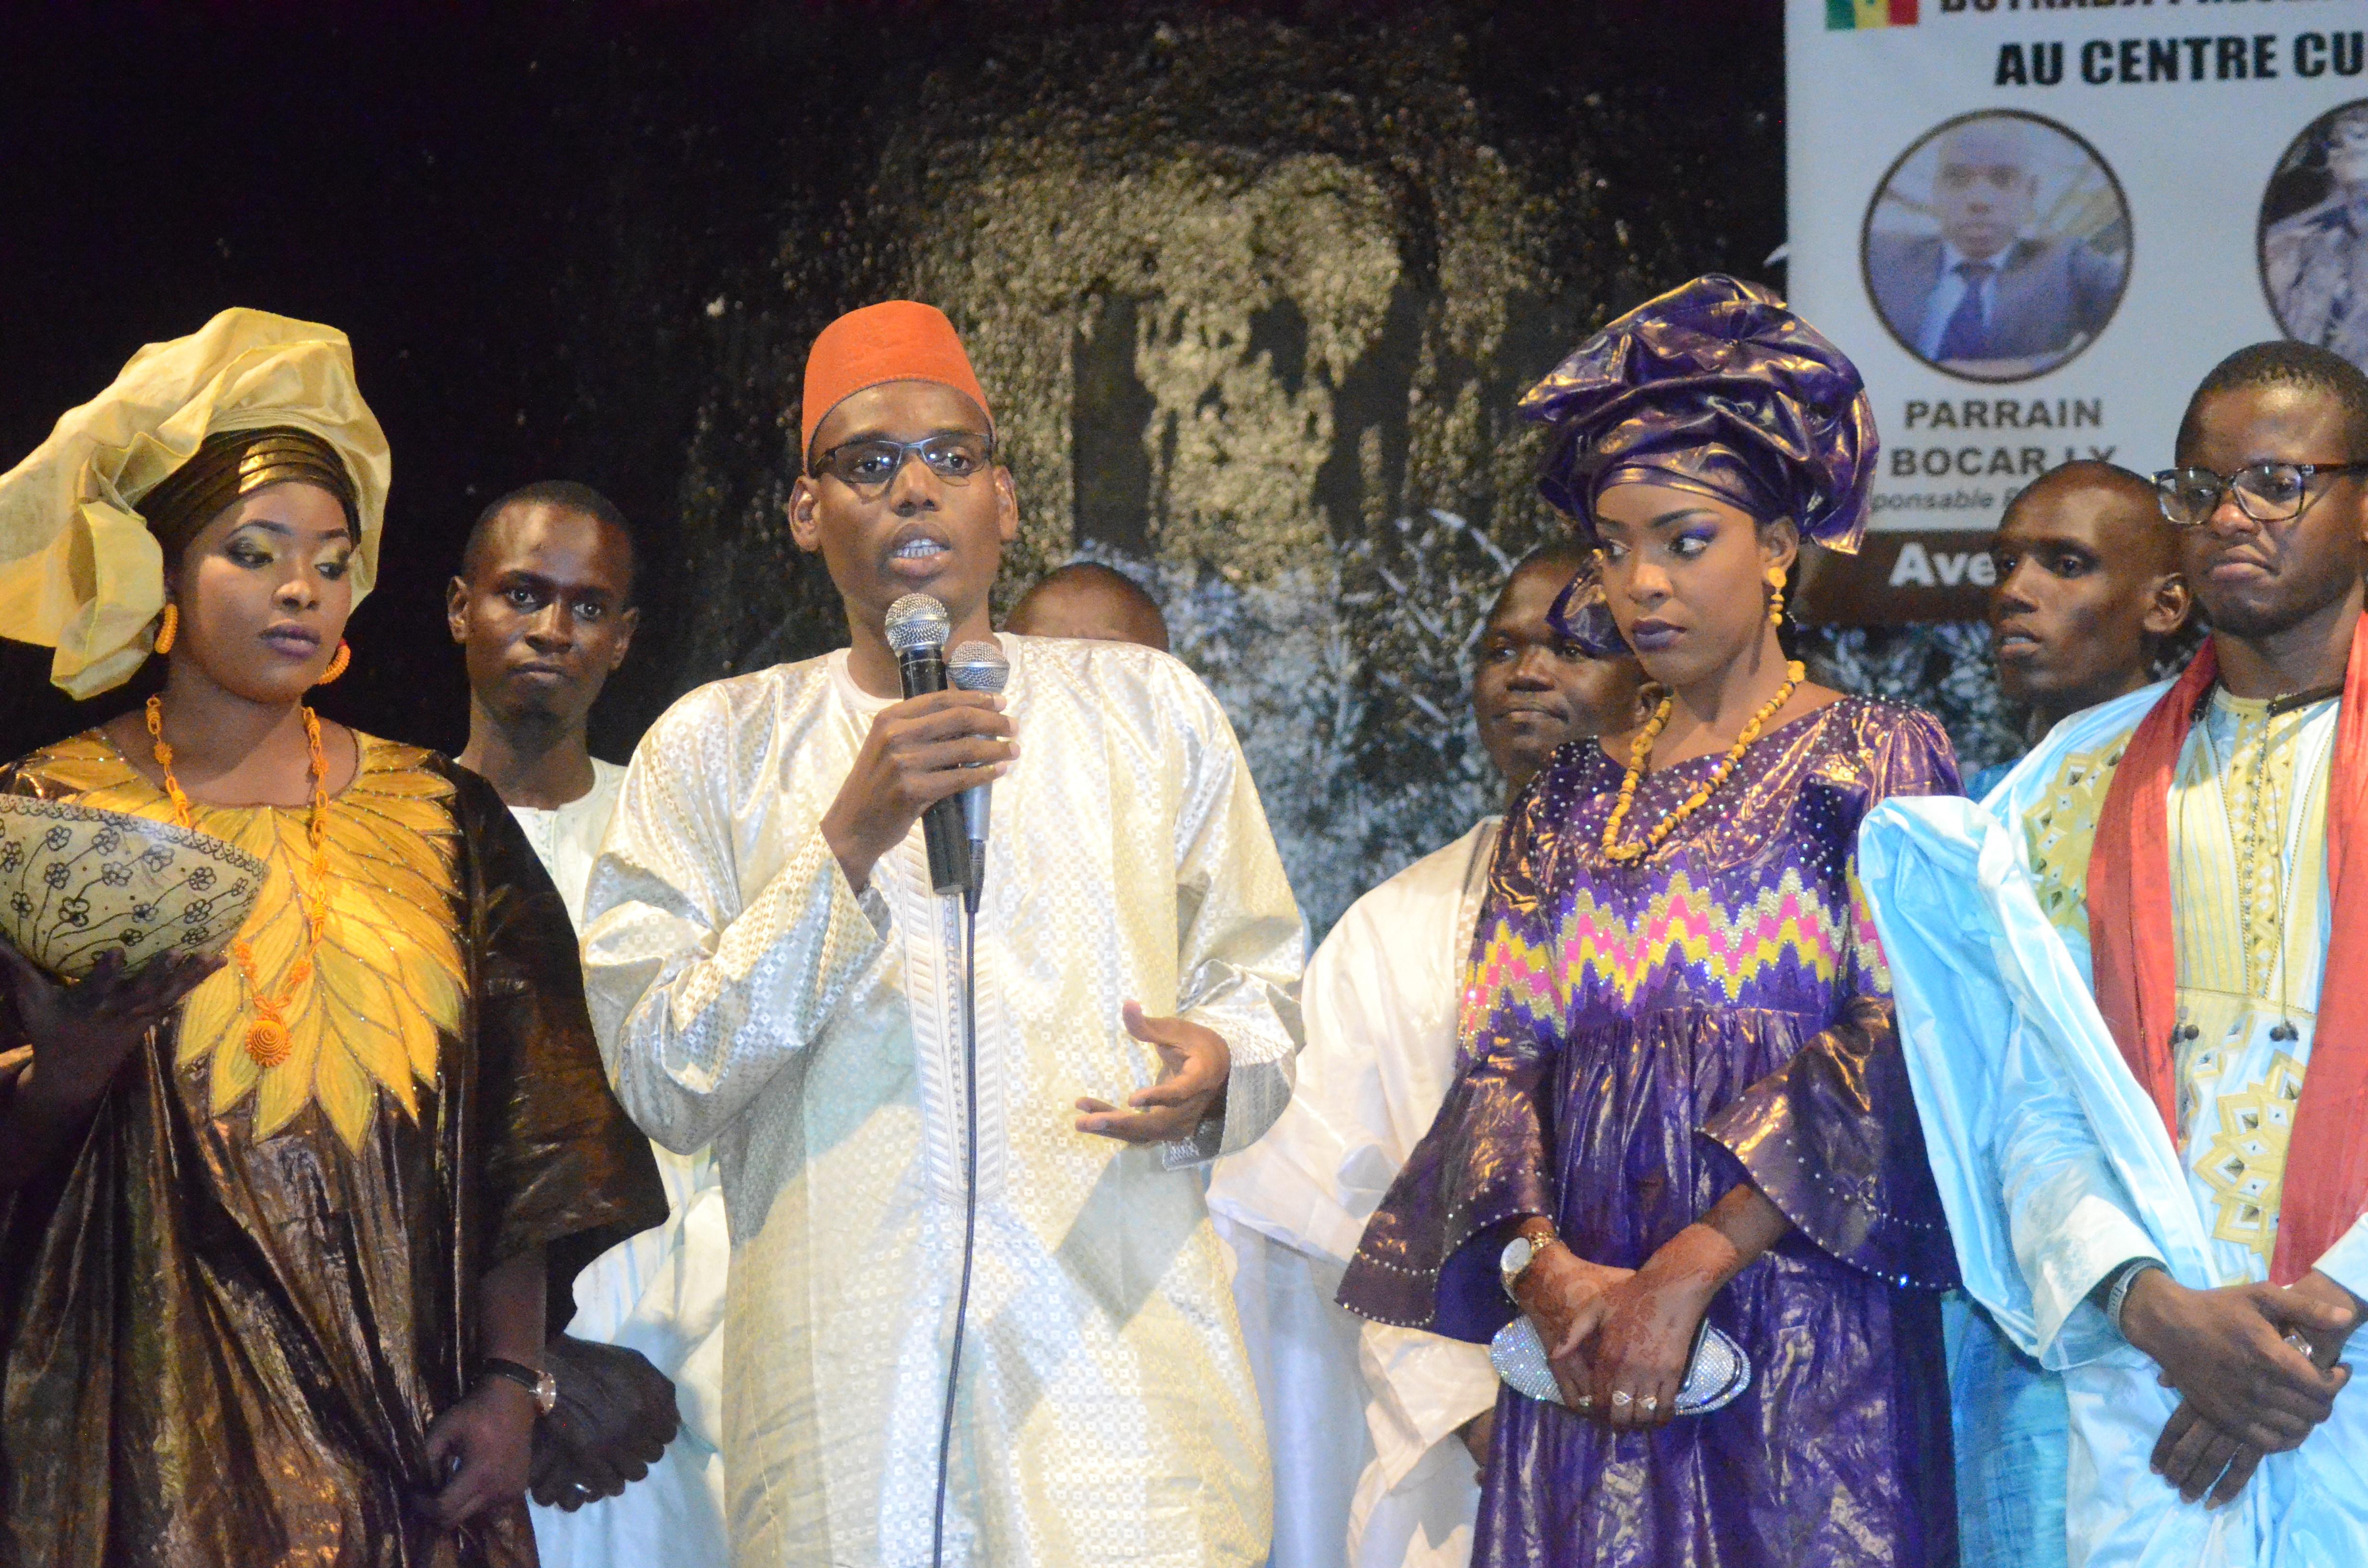 Première Edition soirée culturelle de l'Association Boyinadji Ma fierté de Bokidiawé, le parrain Bocar Abdoulaye Ly appelle à l'union des cœurs (42)